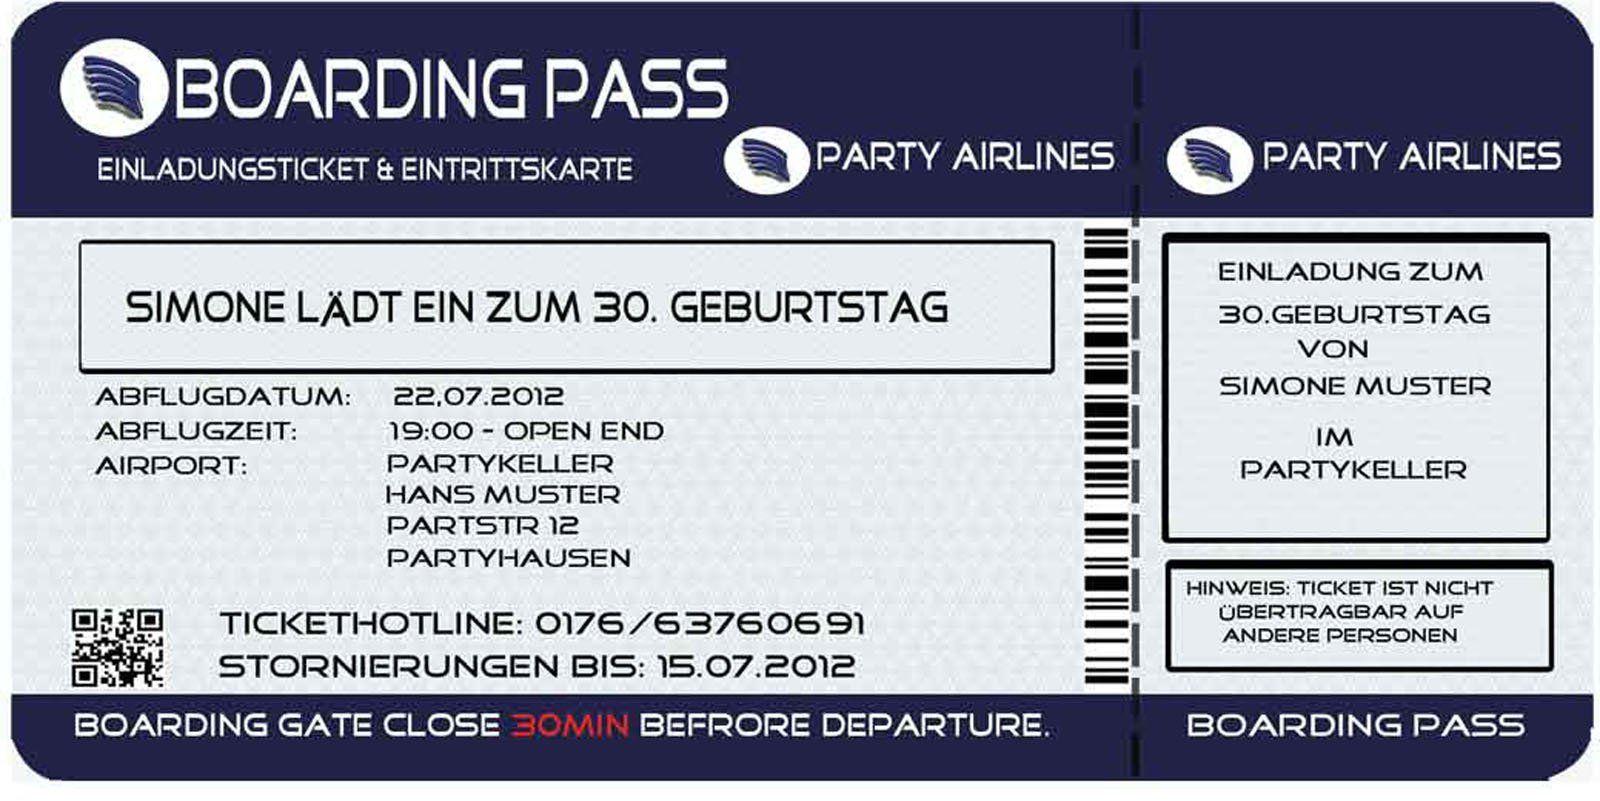 The Amazing Einladung Zum 30. Geburtstag Frau Photo Below, Is Segment Of  Einladung Zum